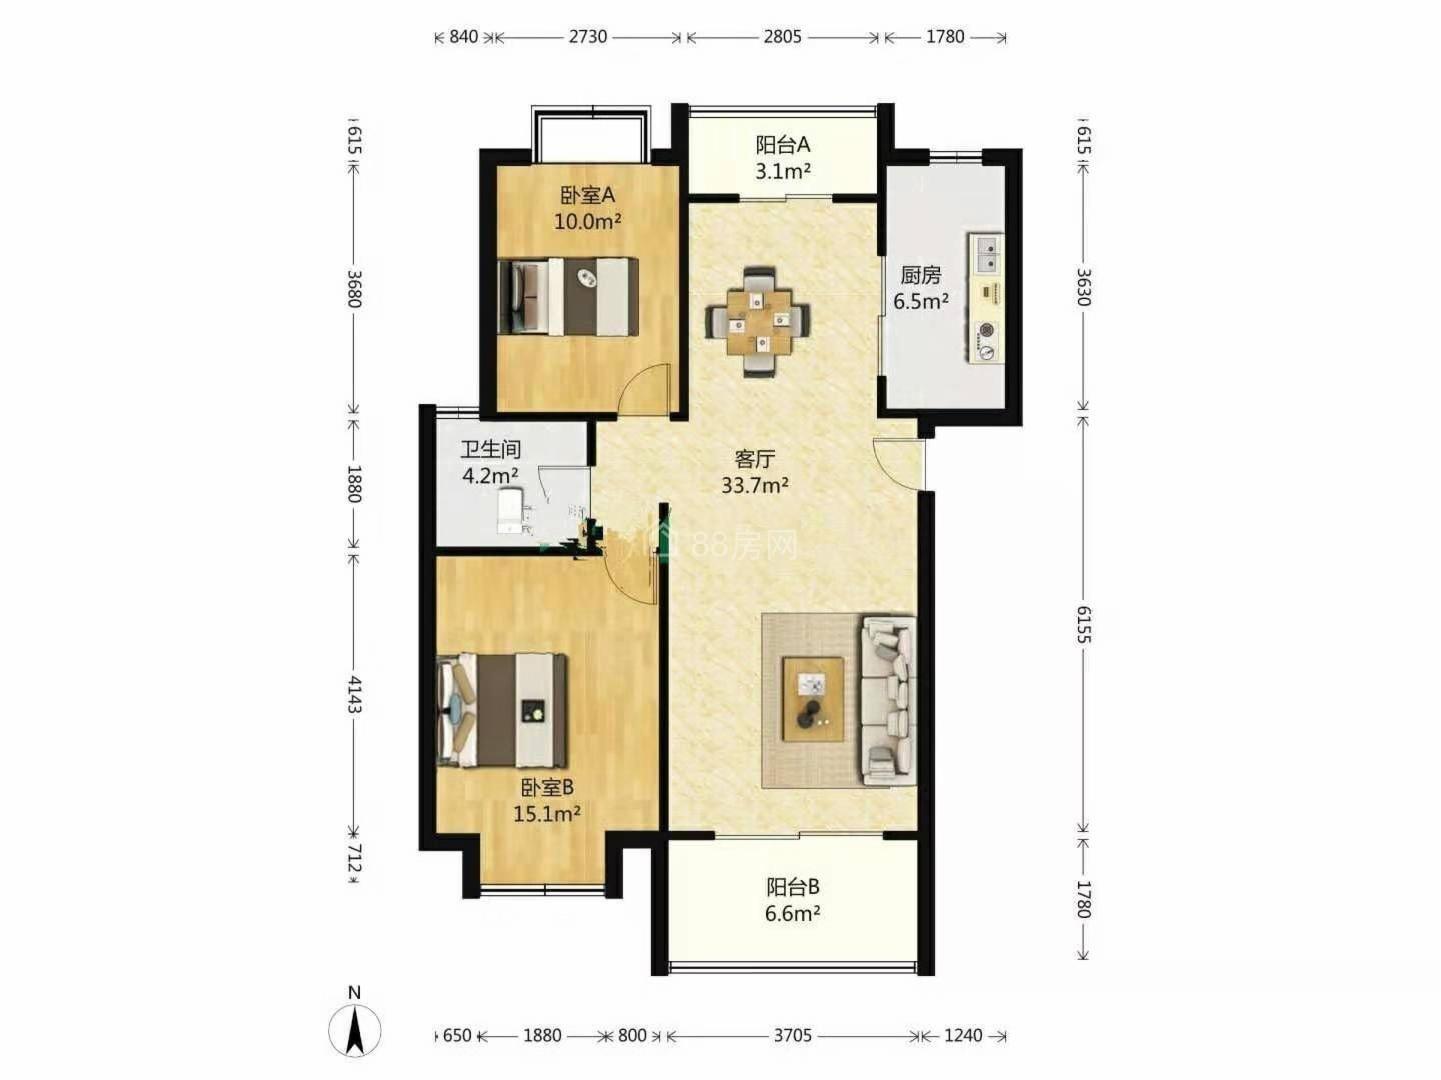 荣盛青年公寓,民用水电,精装复式两房两卫,近天虹美金,有钥匙